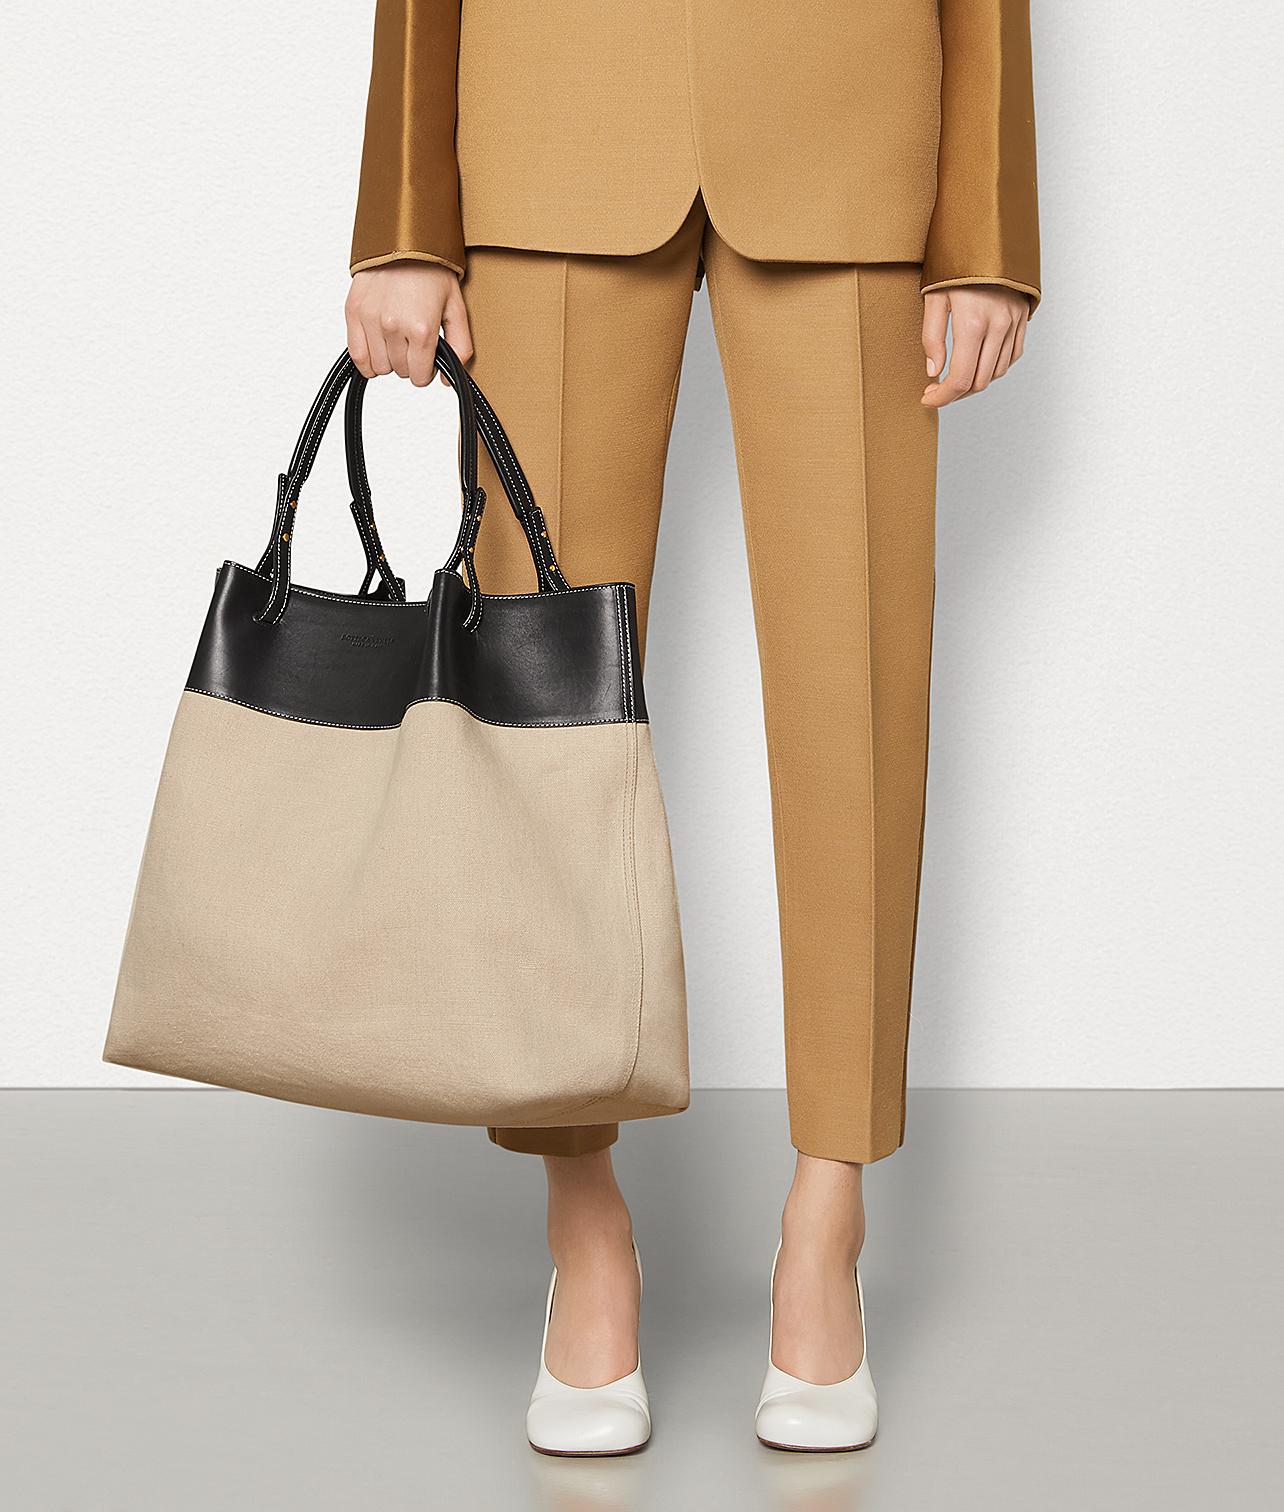 50代女性に人気Bottega Venetaのレディースバッグ